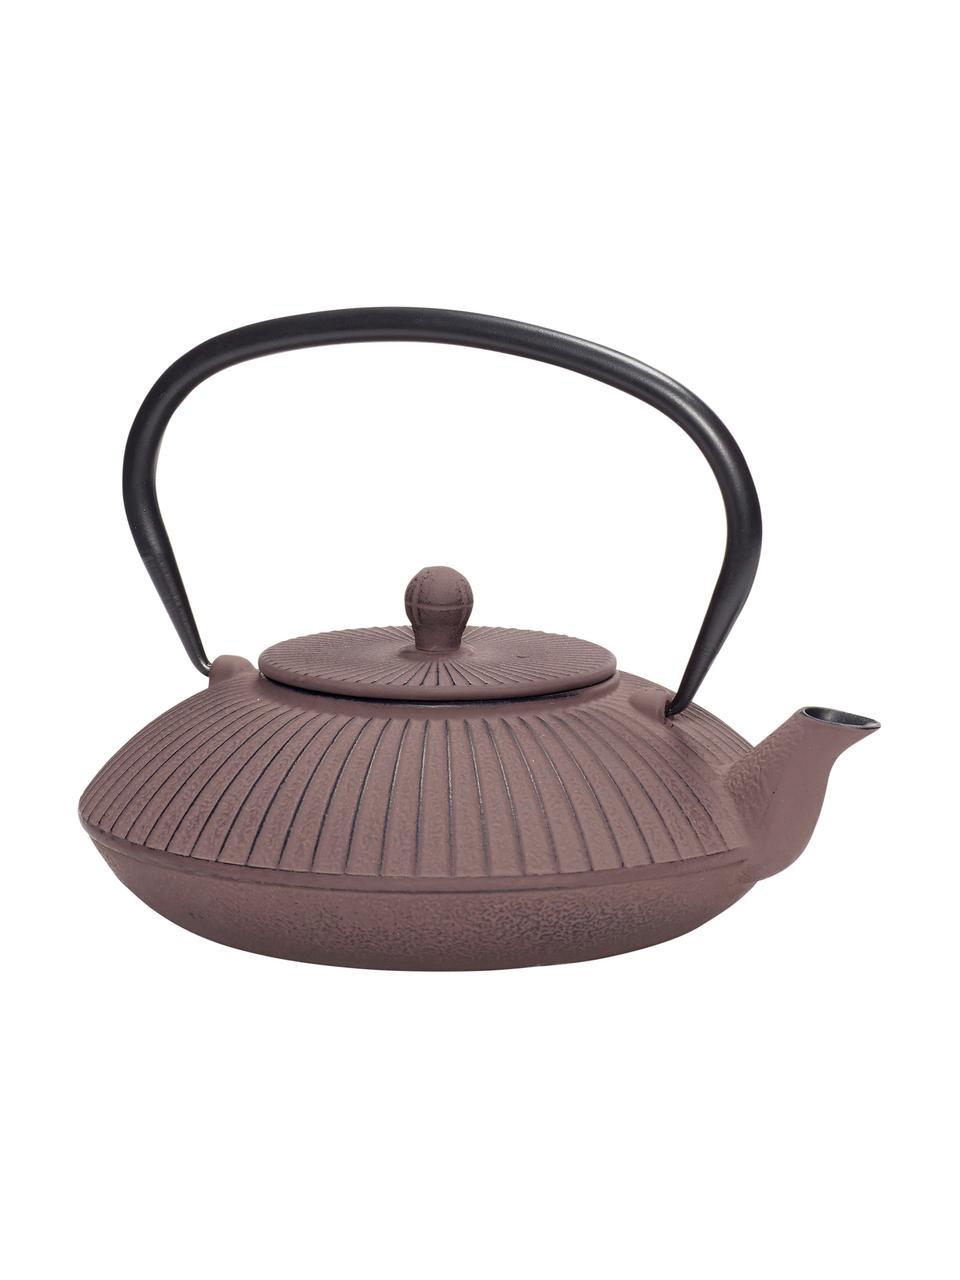 Teekanne Ala, Metall, beschichtet, Teekanne: PflaumenfarbenGriff: Schwarz, 1.1 L